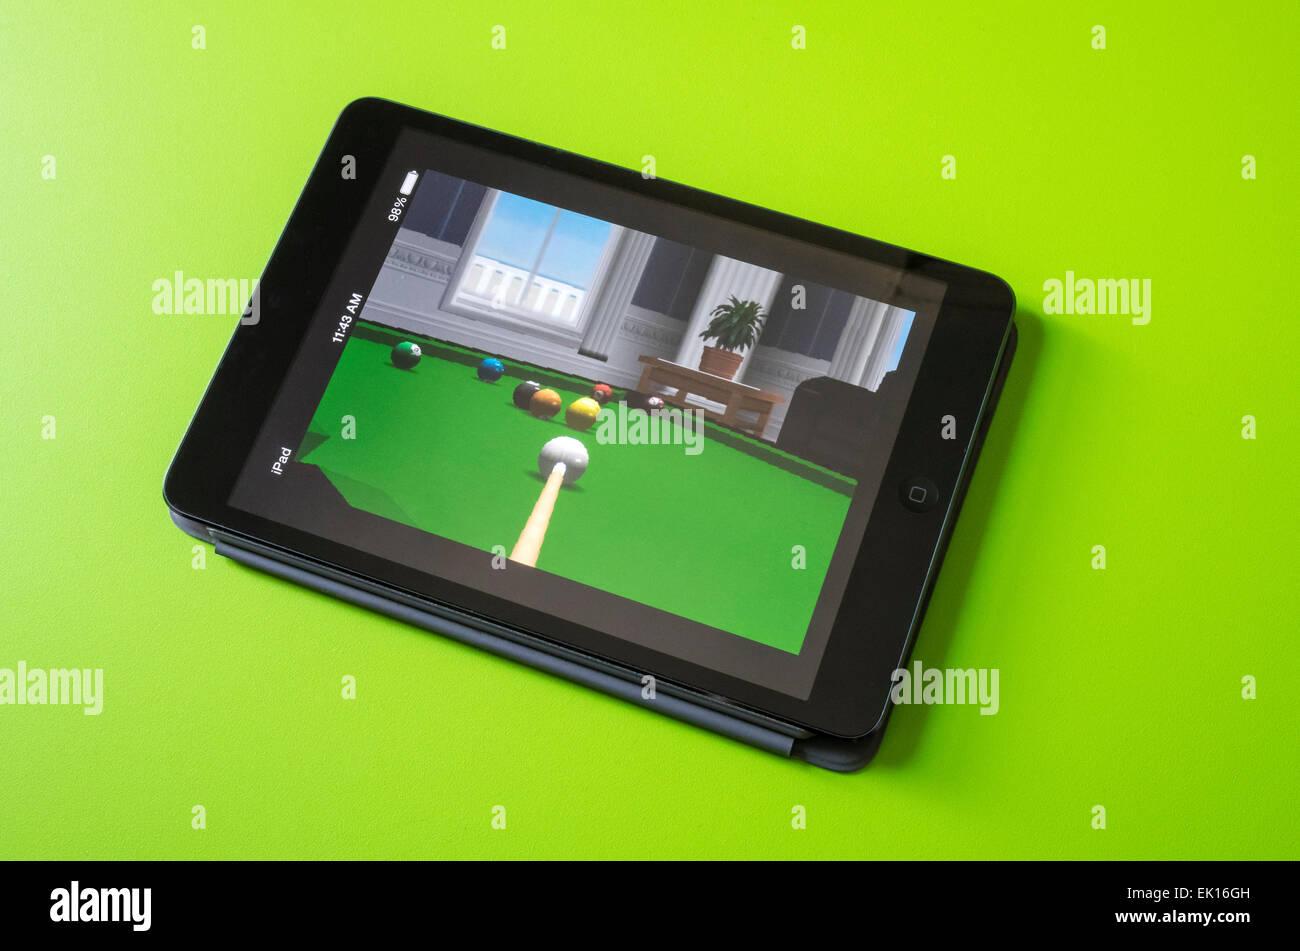 Apple iPad mini mostrando juego de billar virtual Imagen De Stock